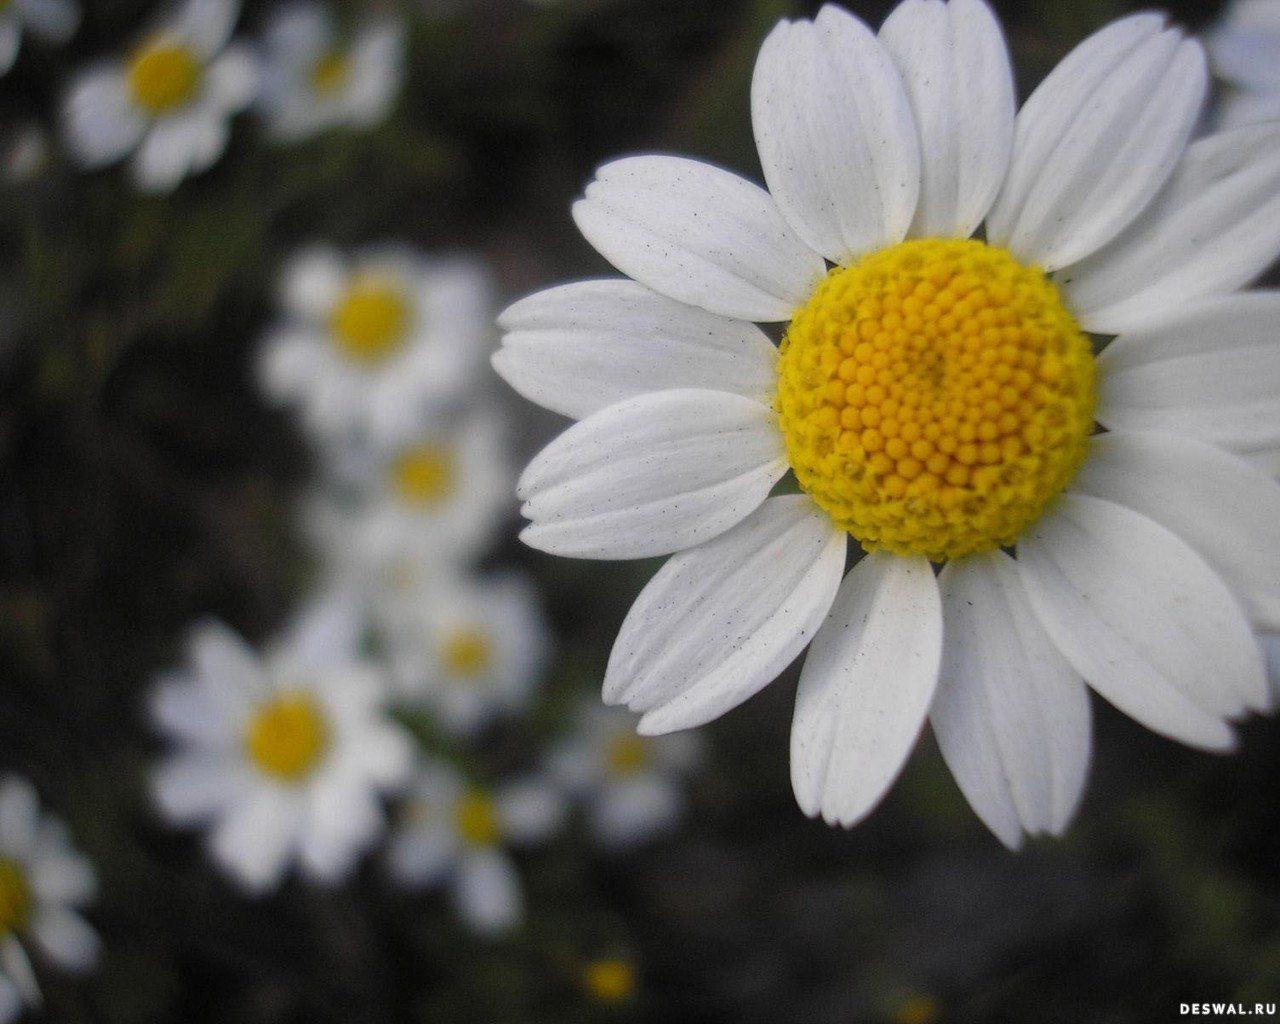 Ромашки нажмите на картинку с цветами